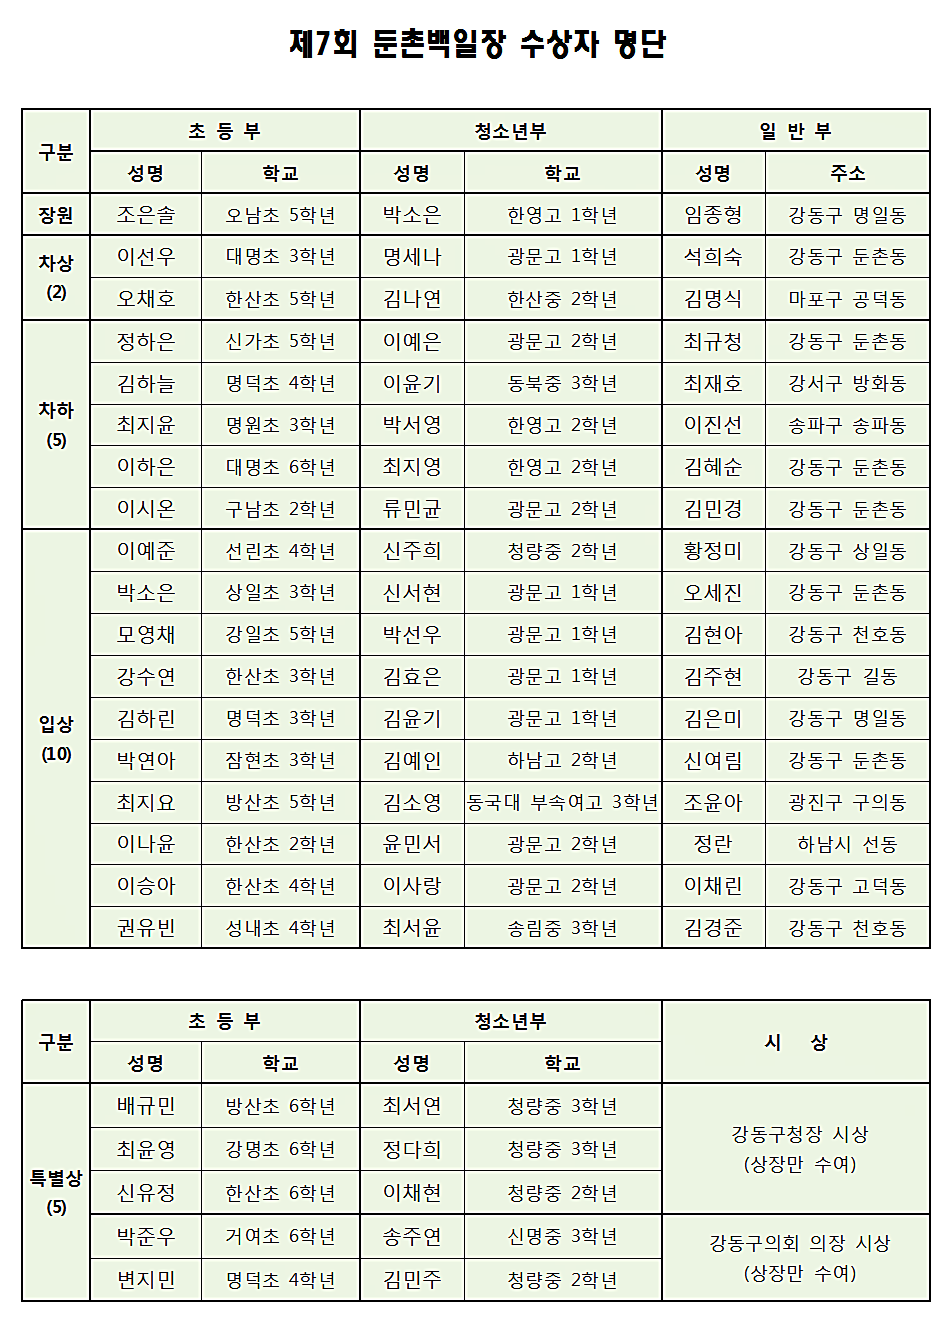 01_제7회 둔촌백일장 수상자 명단(2018).png